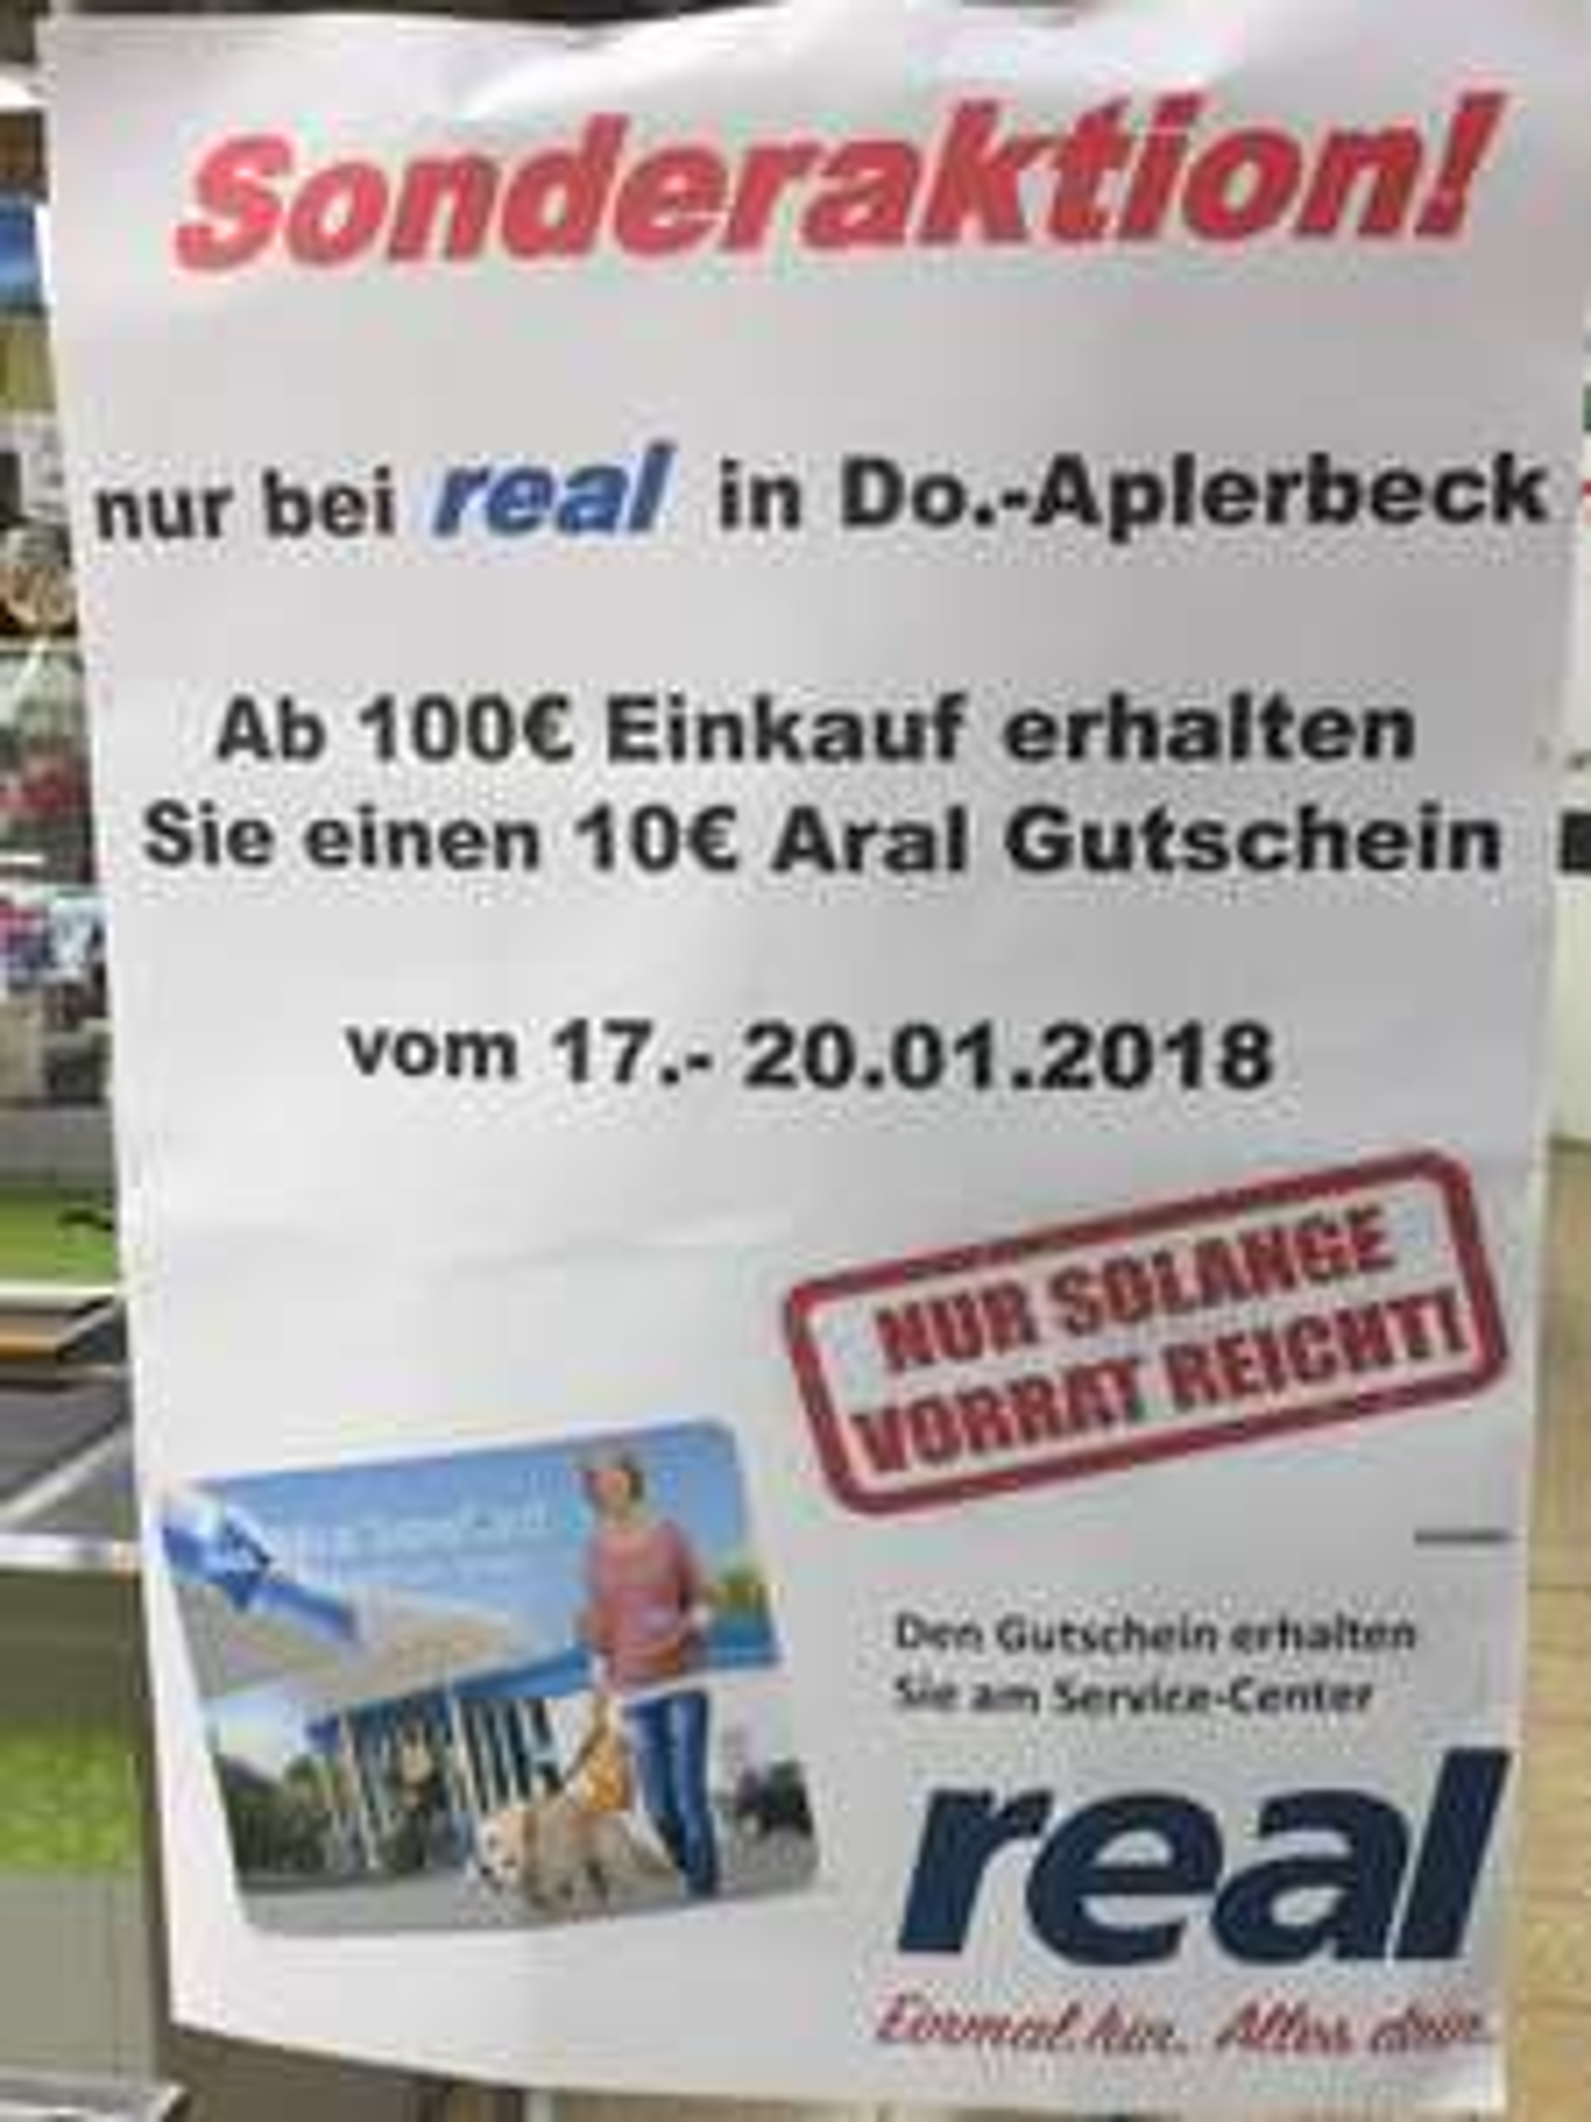 [lokal Real Dortmund Aplerbeck] Ab 100€ Einkauf, 10€ Aral Gutschein erhalten, 17.01-20.01.2018